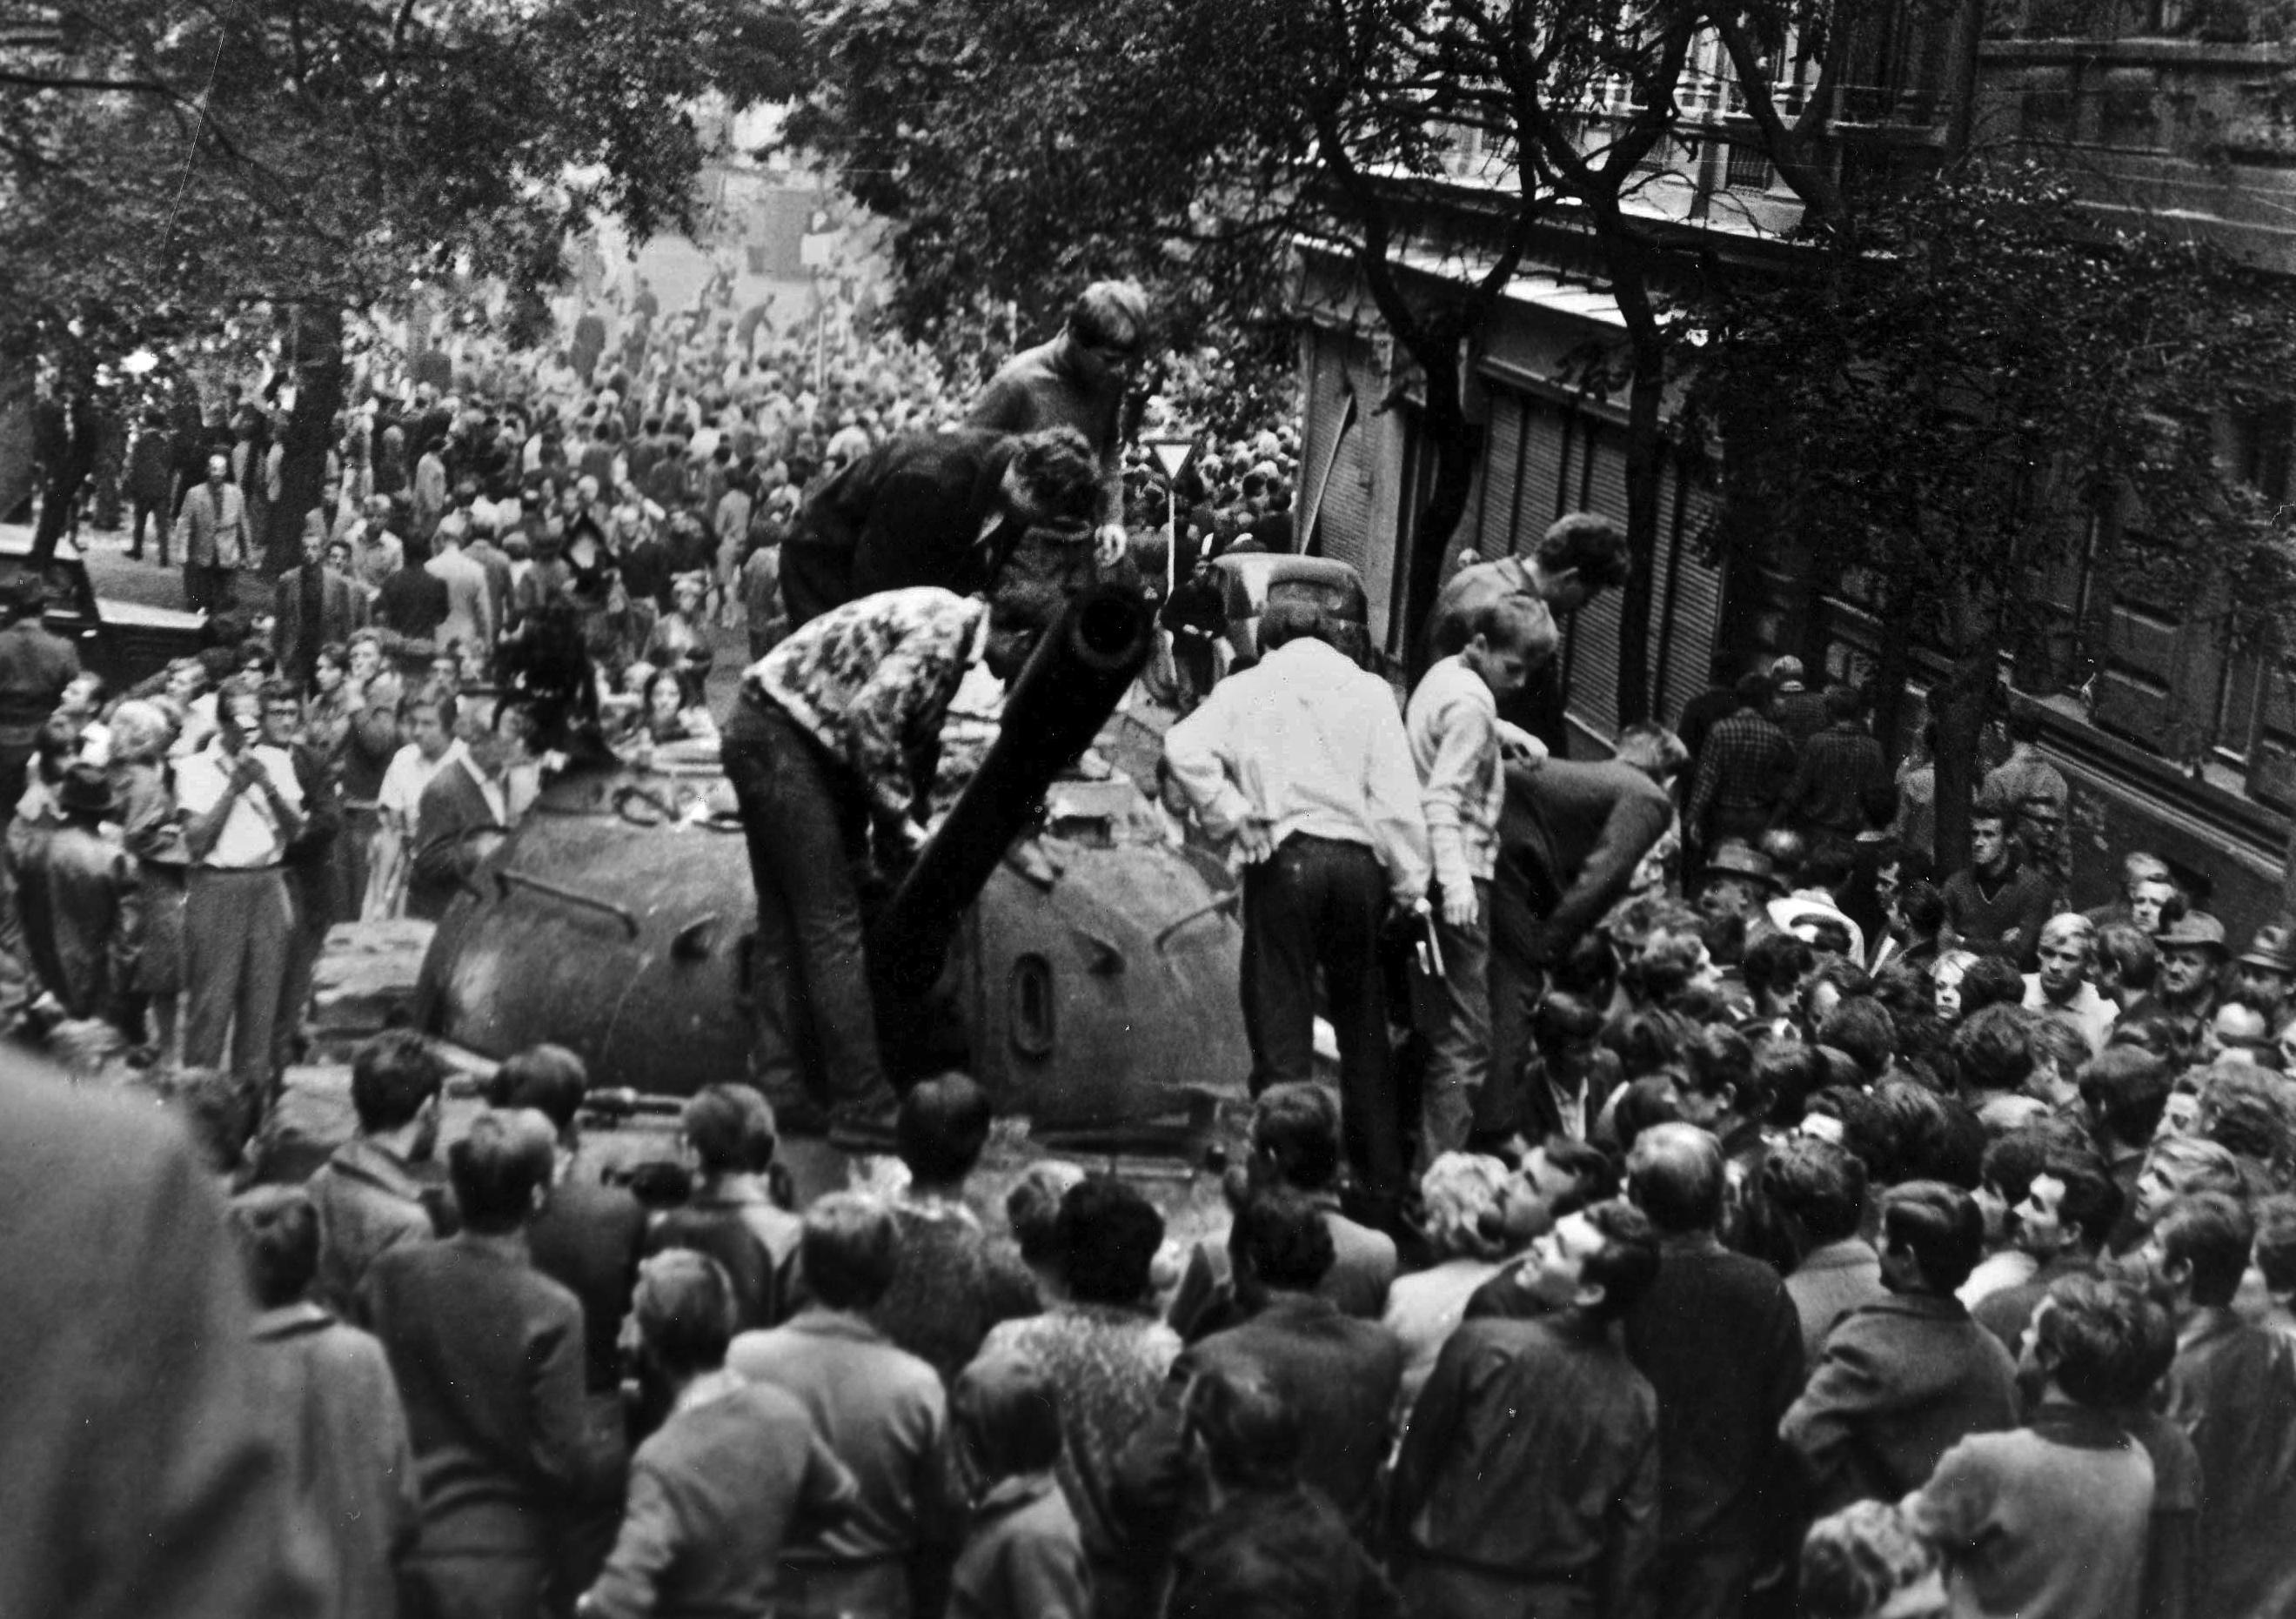 Srpen 1968 v Praze